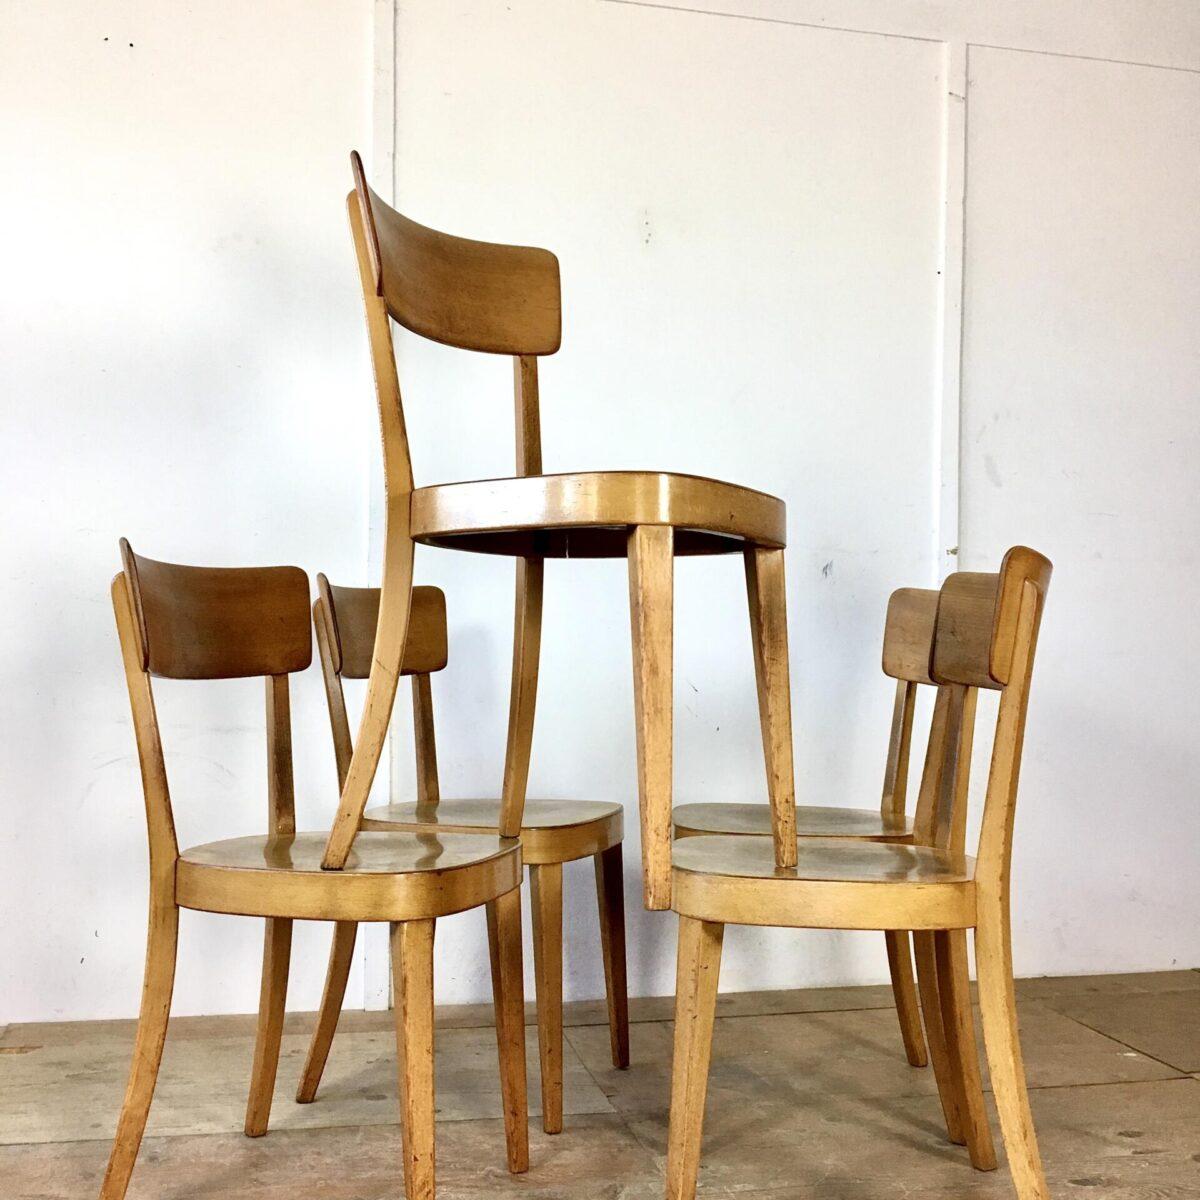 Klassische Beizenstühle preis pro Stuhl. Bequeme stabile Esszimmer Stühle mit Alterspatina.